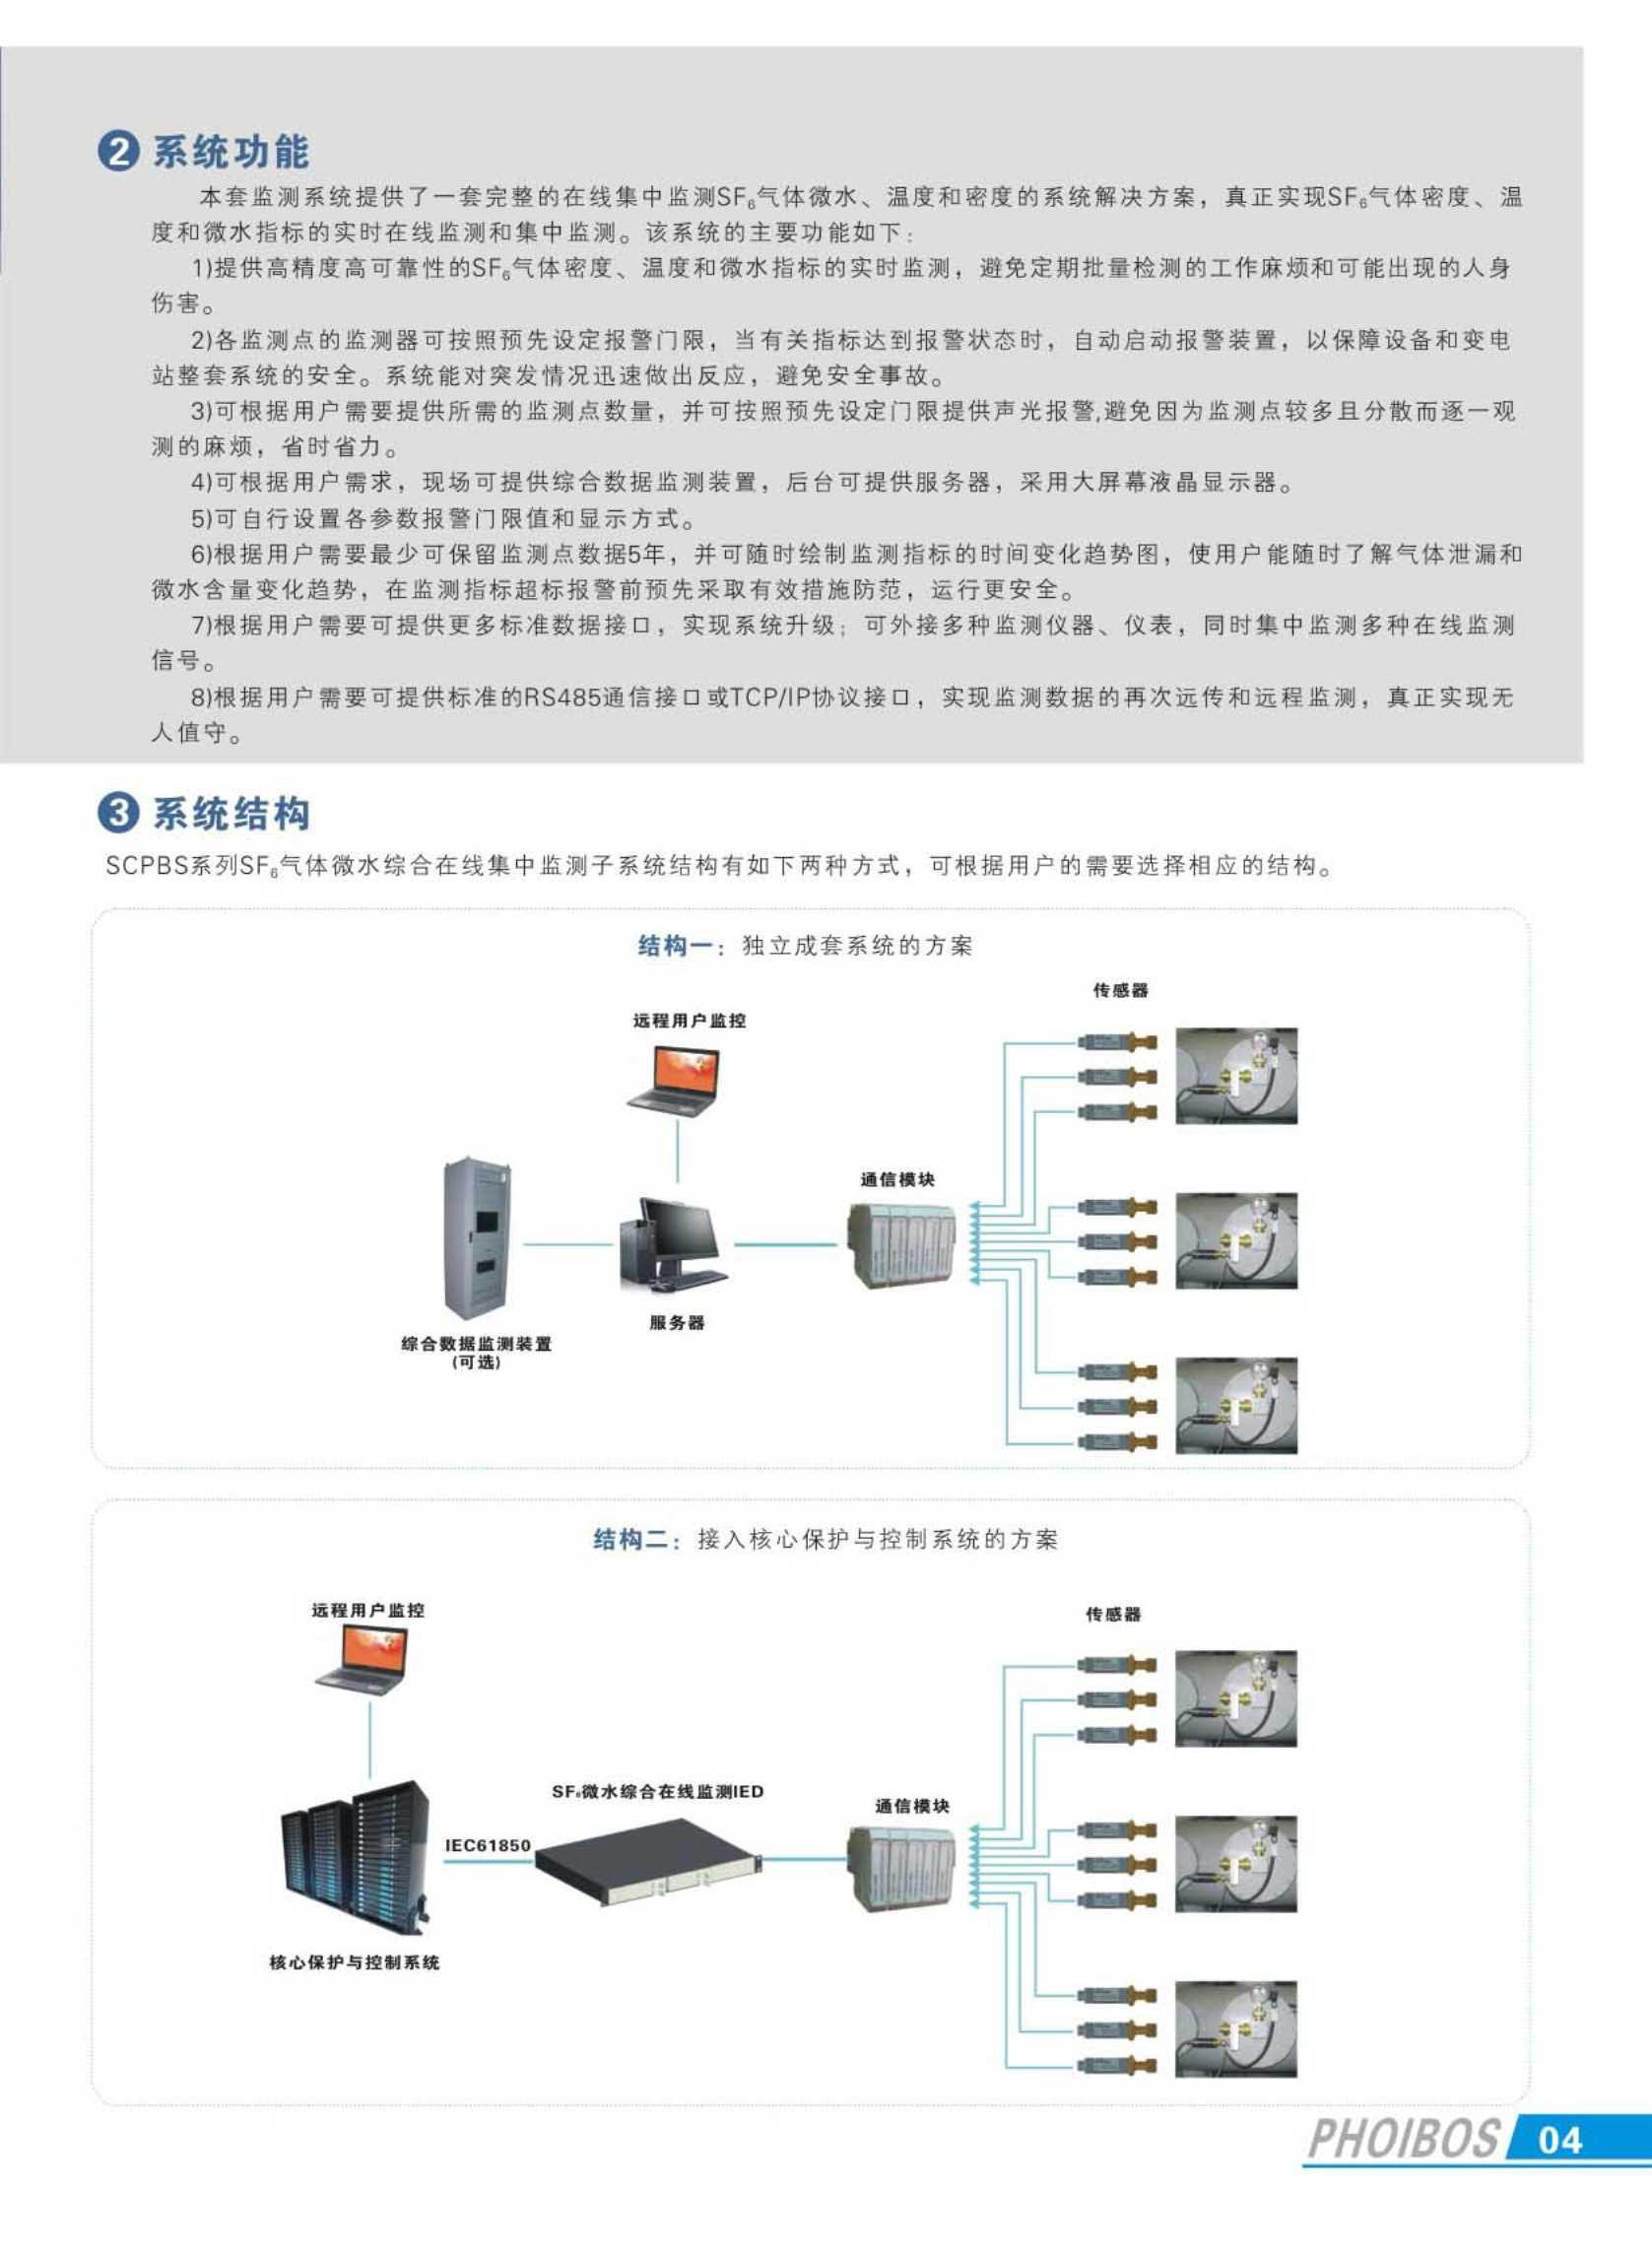 2015年GIS综合在线监测系统产品资料_5.Png